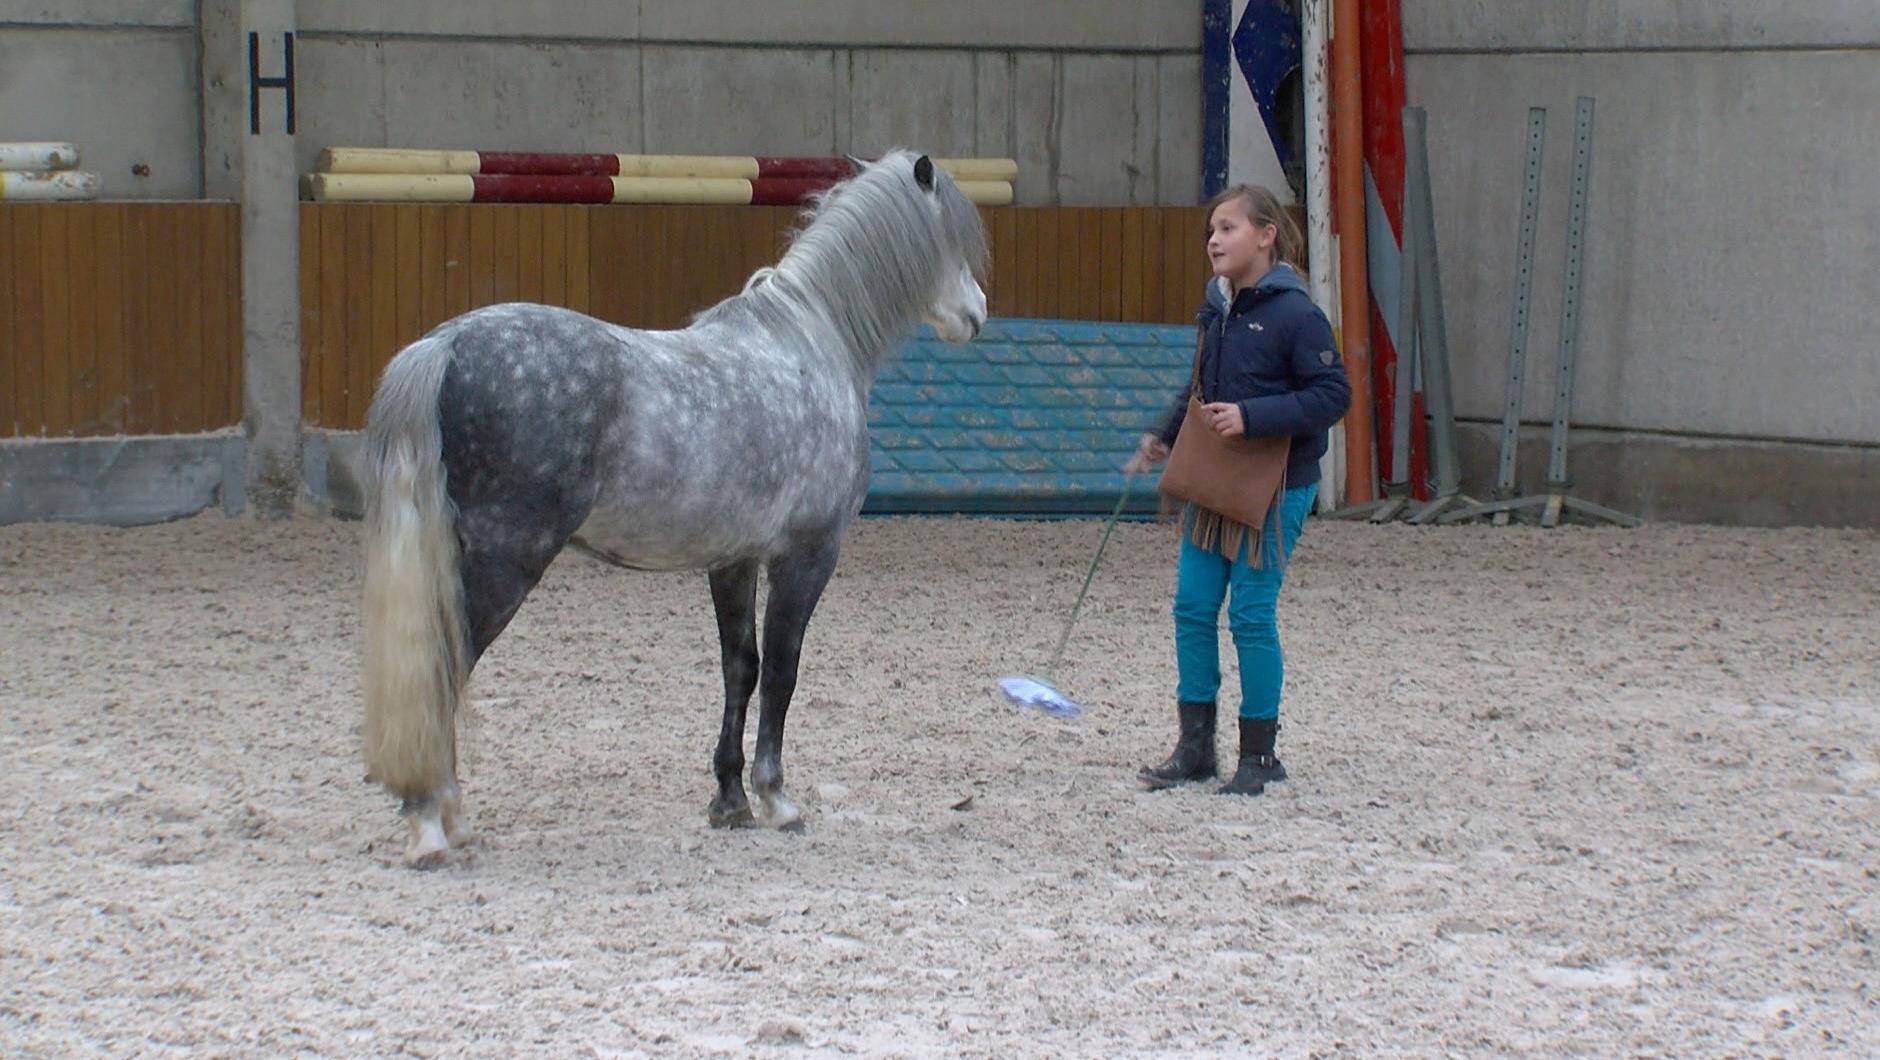 Concours équestre Equistar à Paris : la lauréate originaire de Warchin